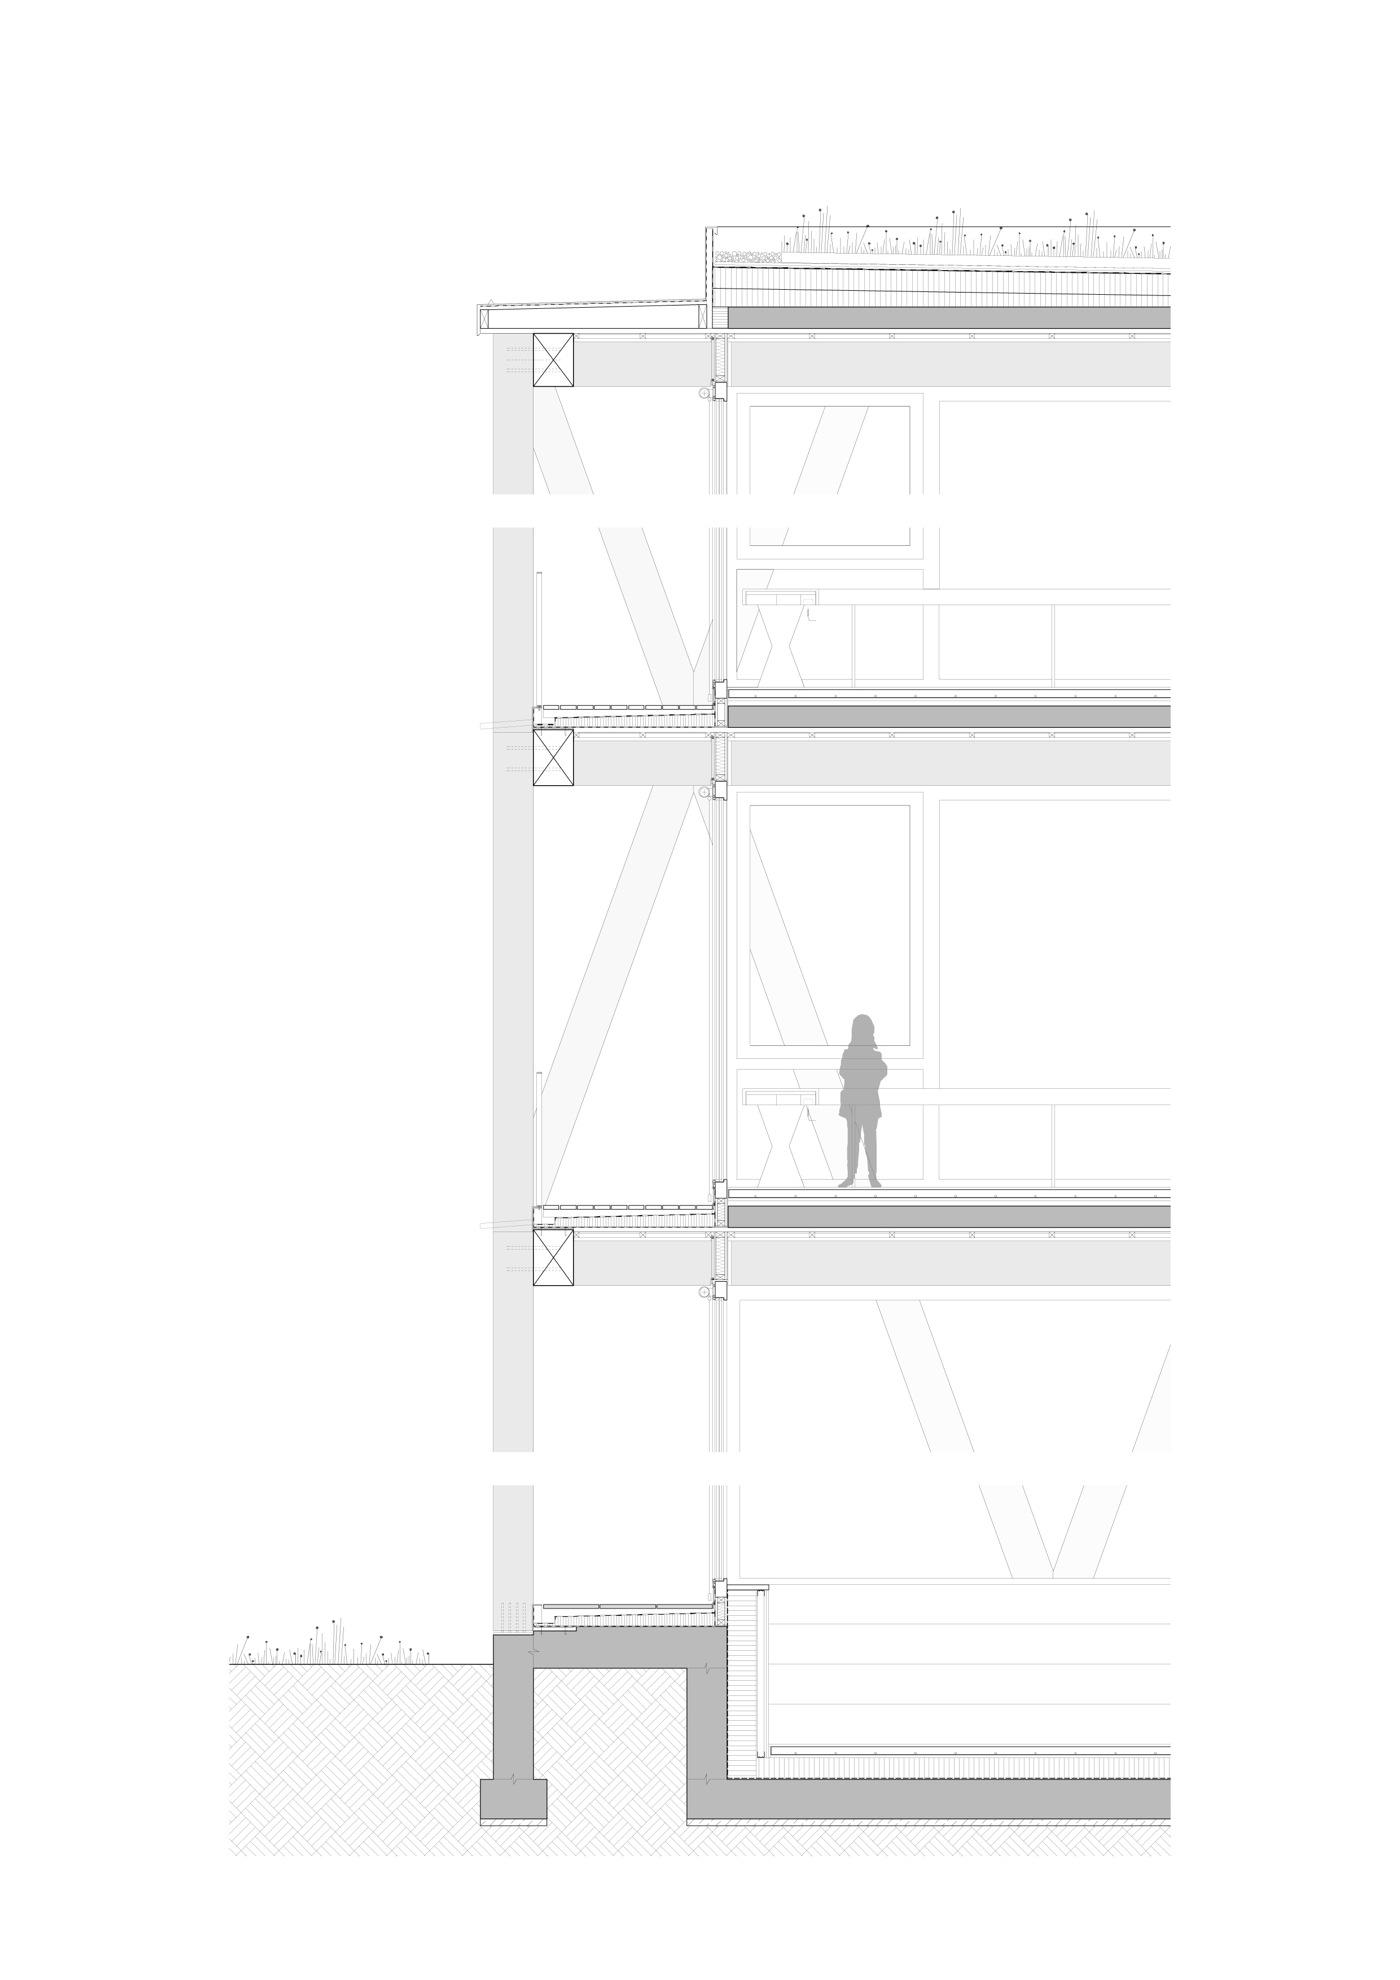 buan-architekten-ersatzneubau schulhaus zentrum-diessenhofen-fassadenschnitt